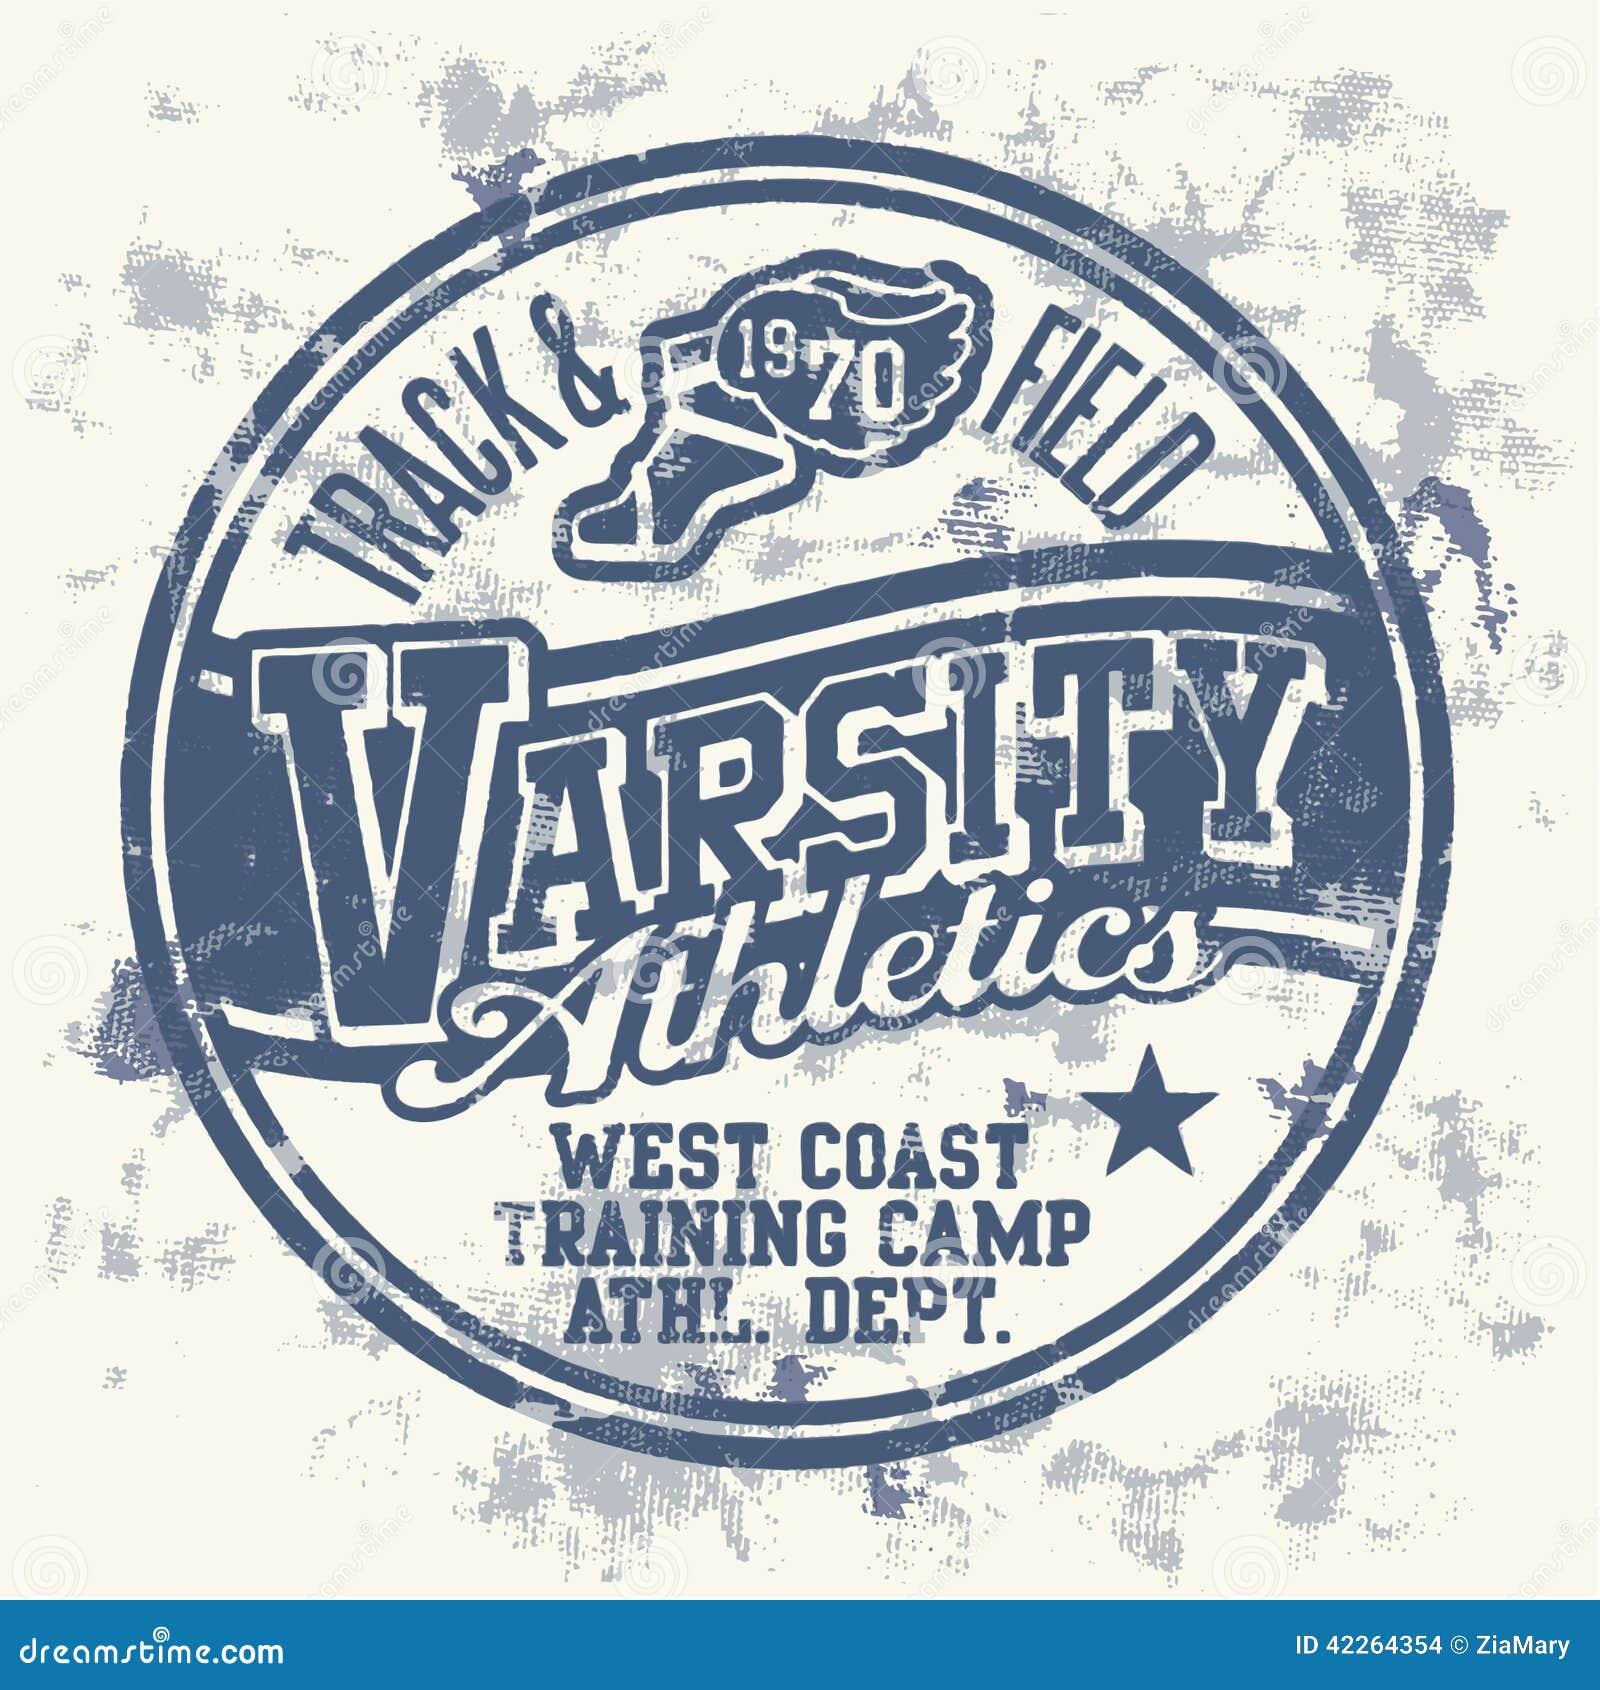 Varsity athletics